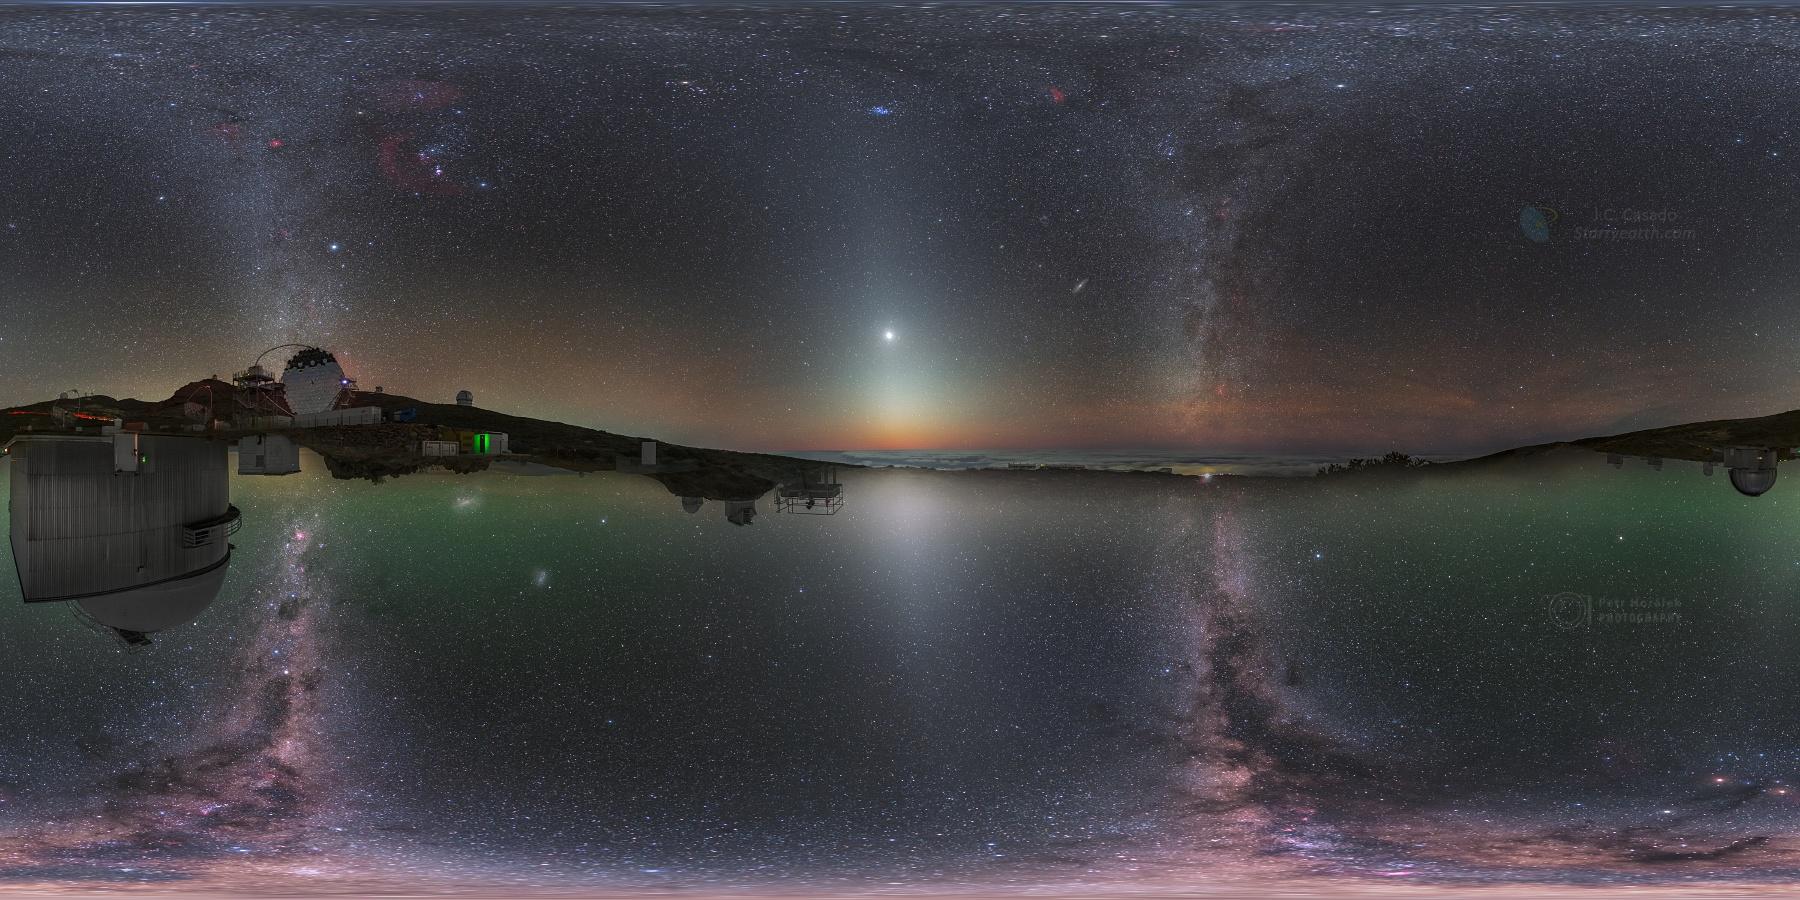 Zvířetníkové světlo (světlé kužele uprostřed) na mozaice ze severní a jižní polokoule. Foto: Petr Horálek a Juan Carlos Casado.